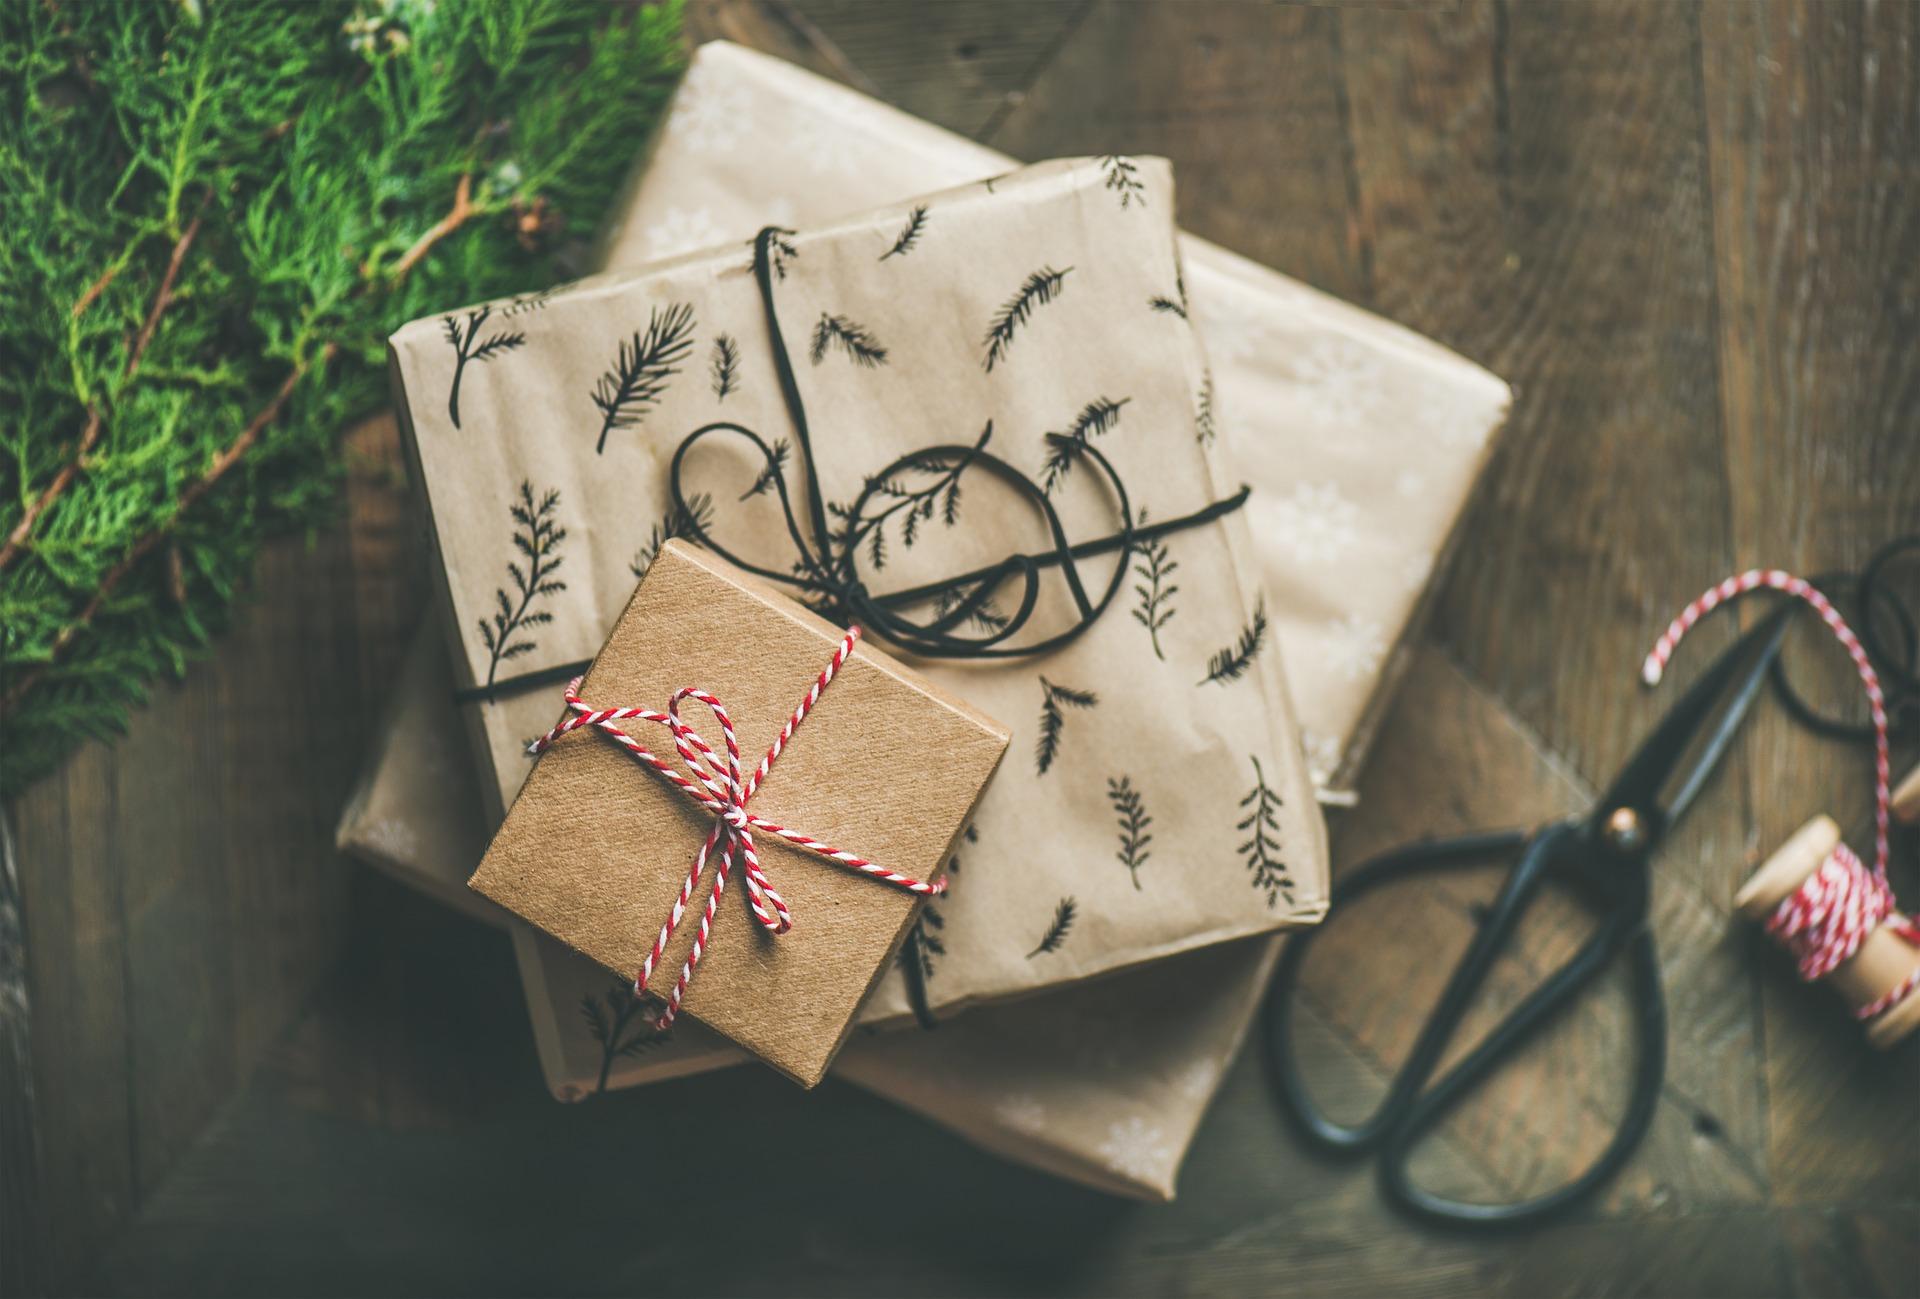 Tips for a Kind Christmas